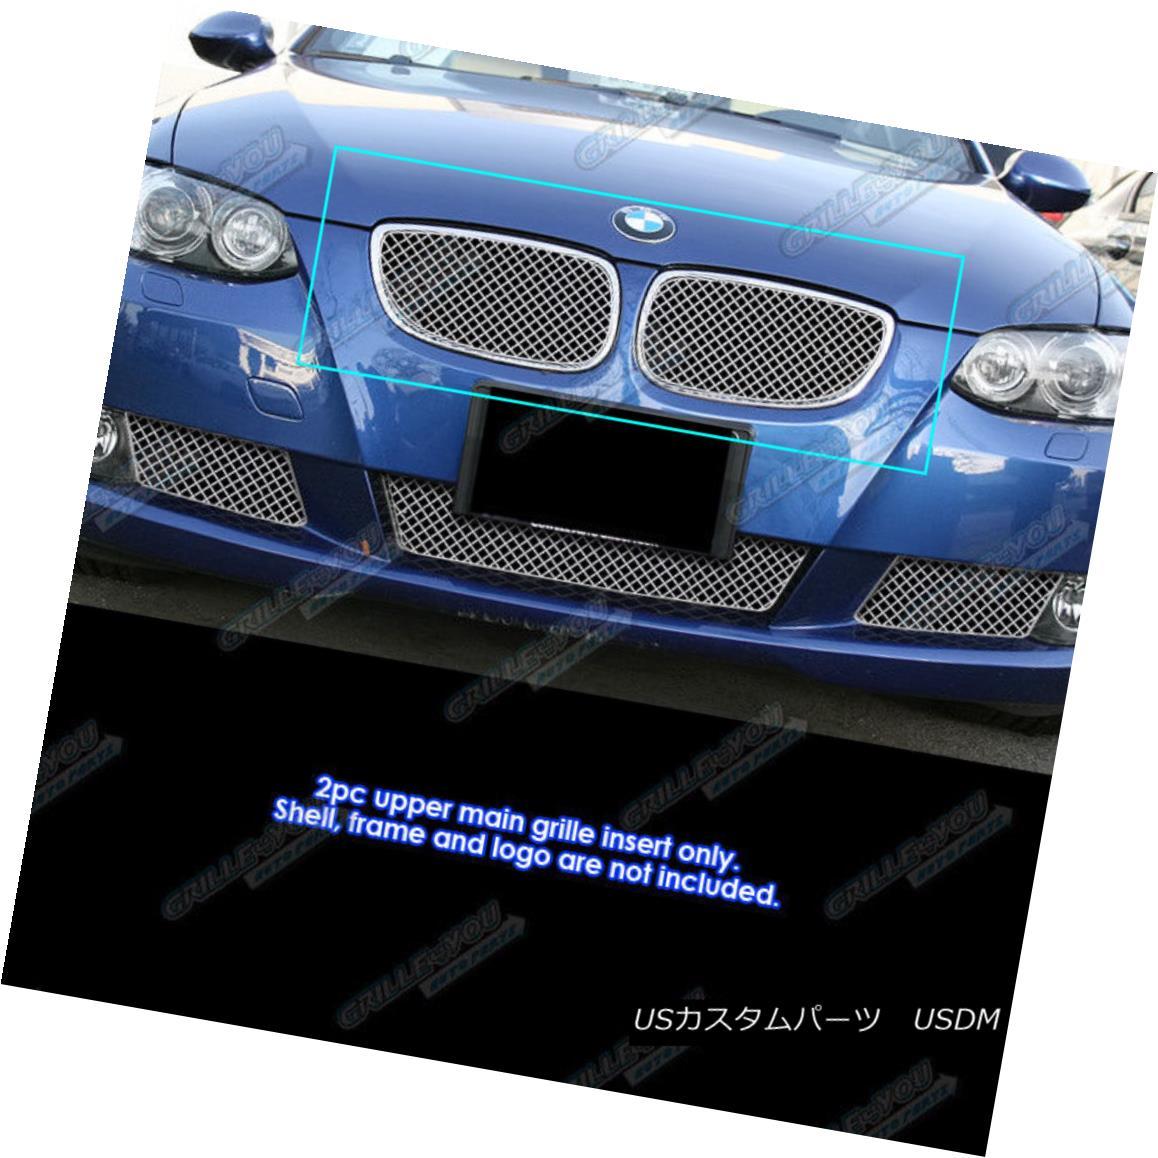 グリル Fits 2007-2010 BMW 3 Series Coupe Only Stainless Steel X Mesh Grille Insert フィット2007-2010 BMW 3シリーズクーペのみステンレス鋼Xメッシュグリルインサート